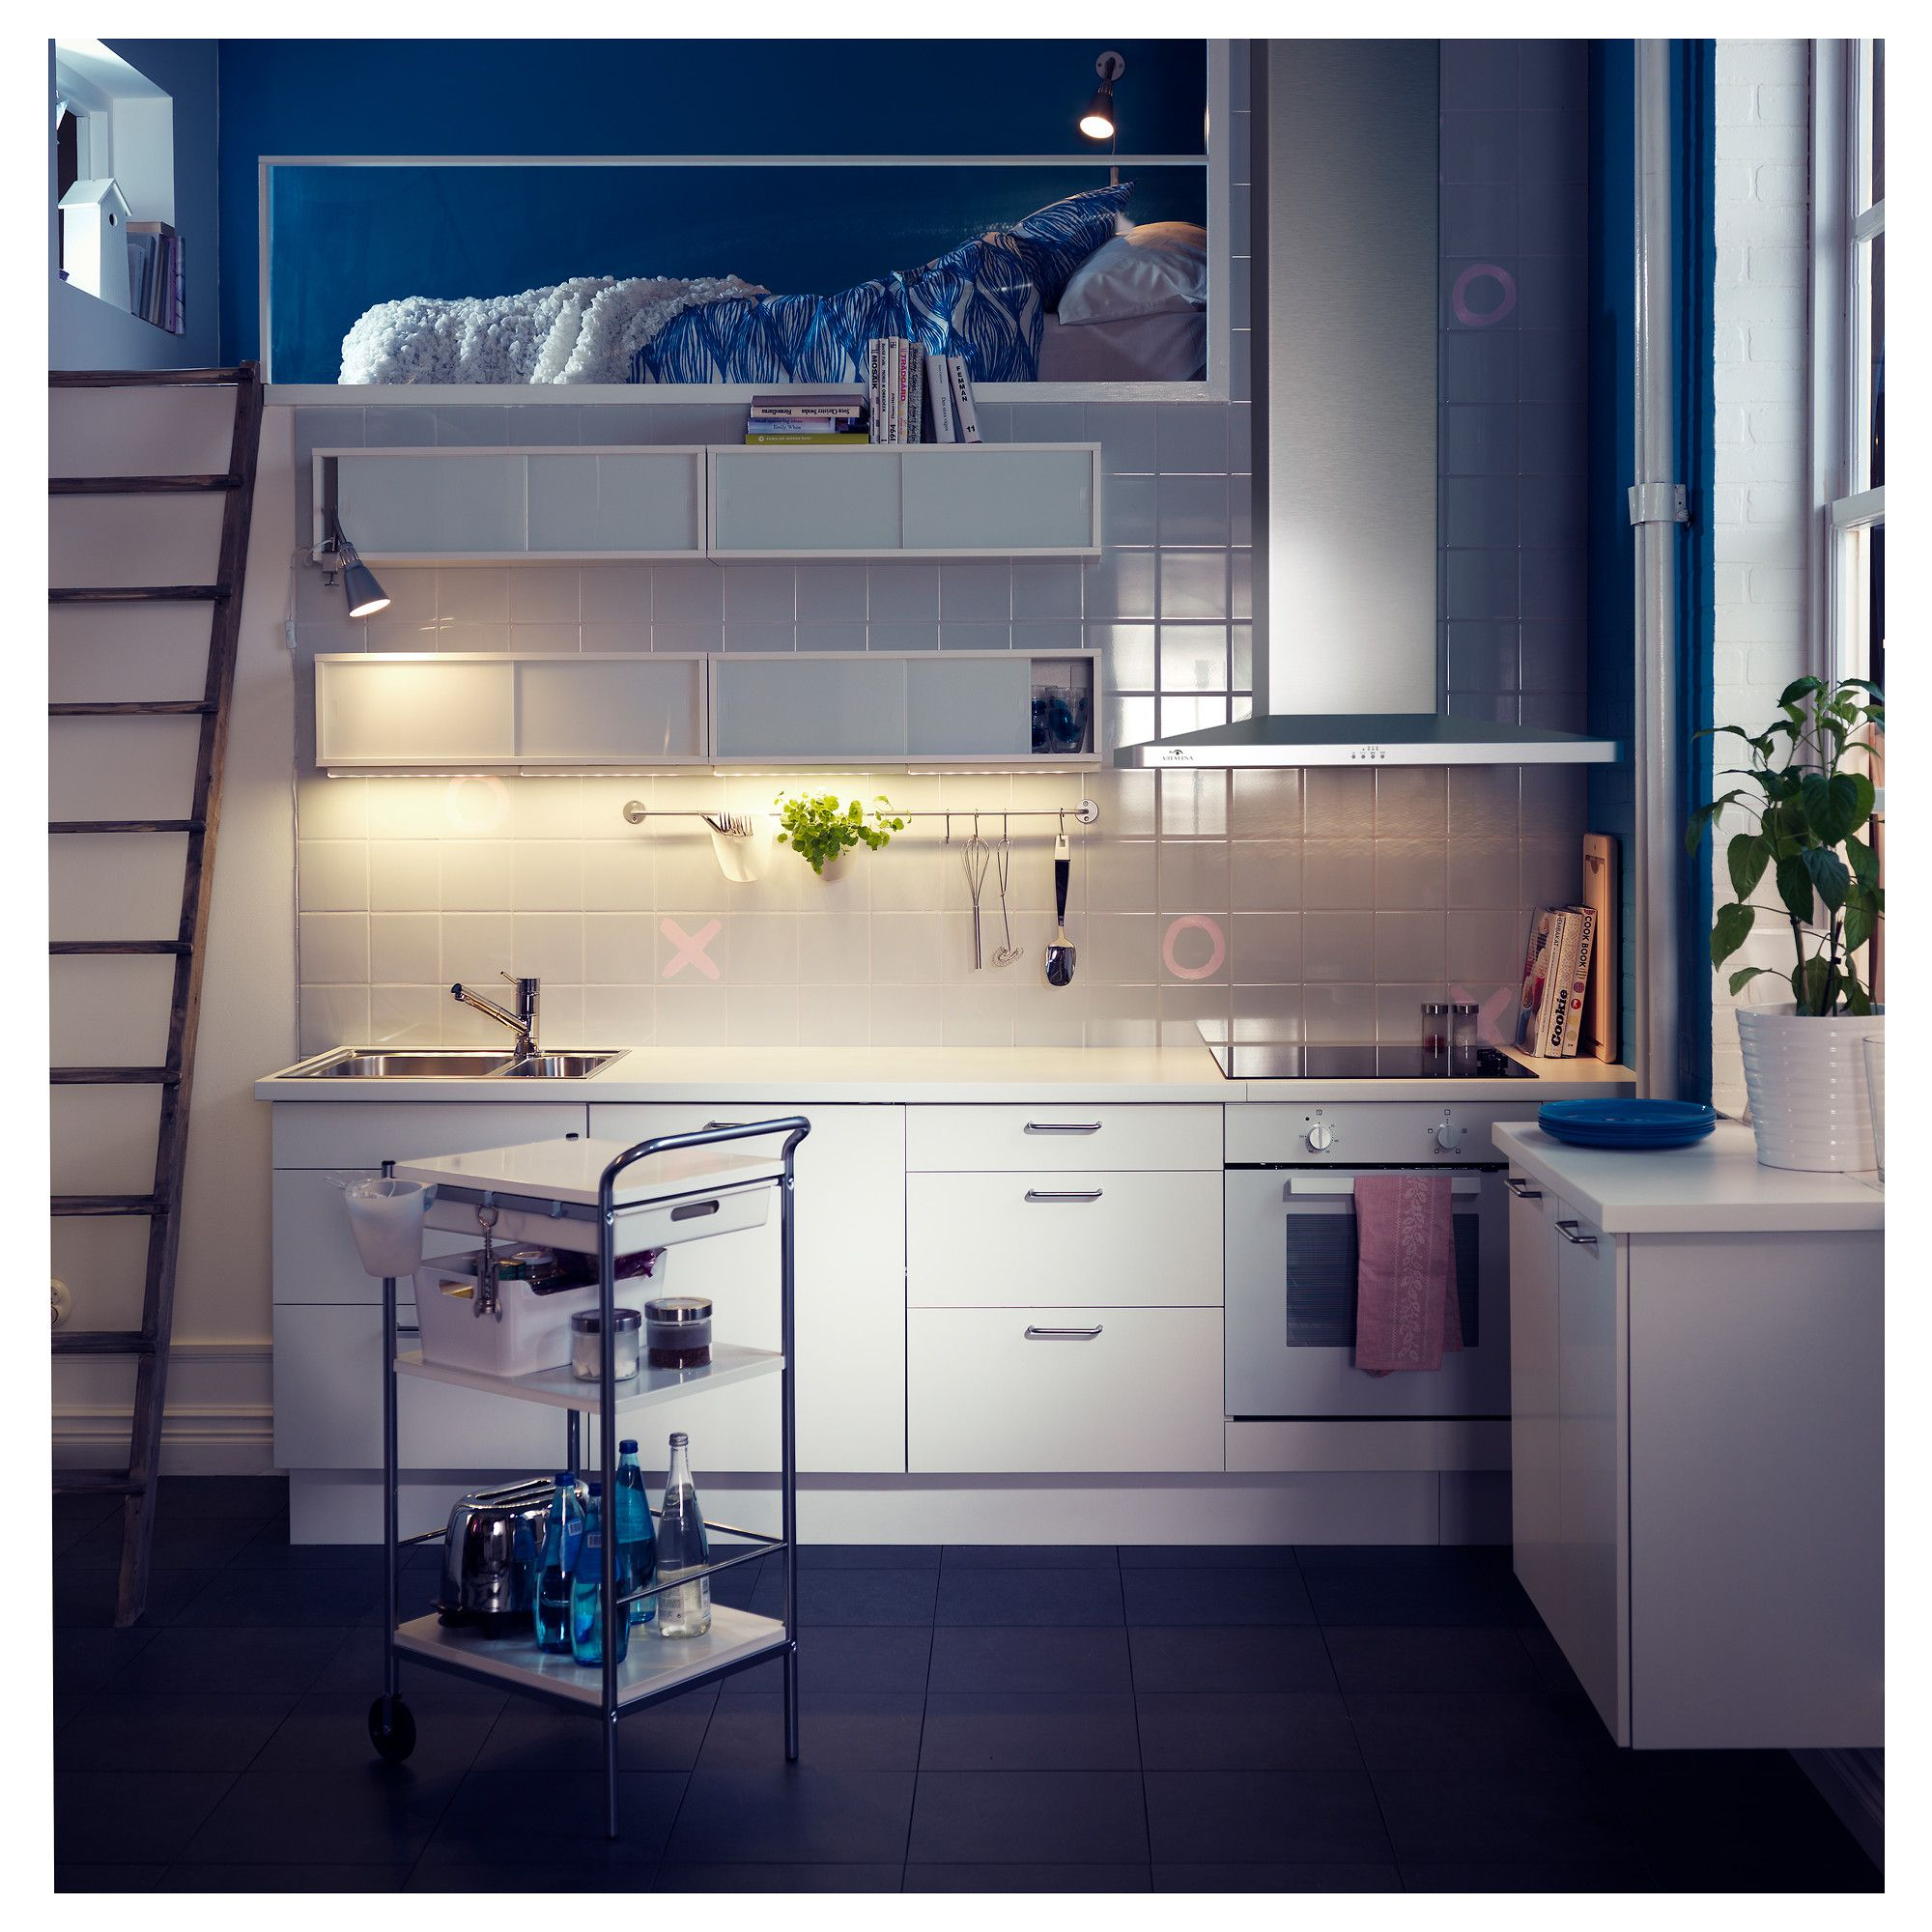 Ikea Sthamra Armario De Pared Cocina Con Puertas El Armario  # Muebles Cocina Ikea Faktum